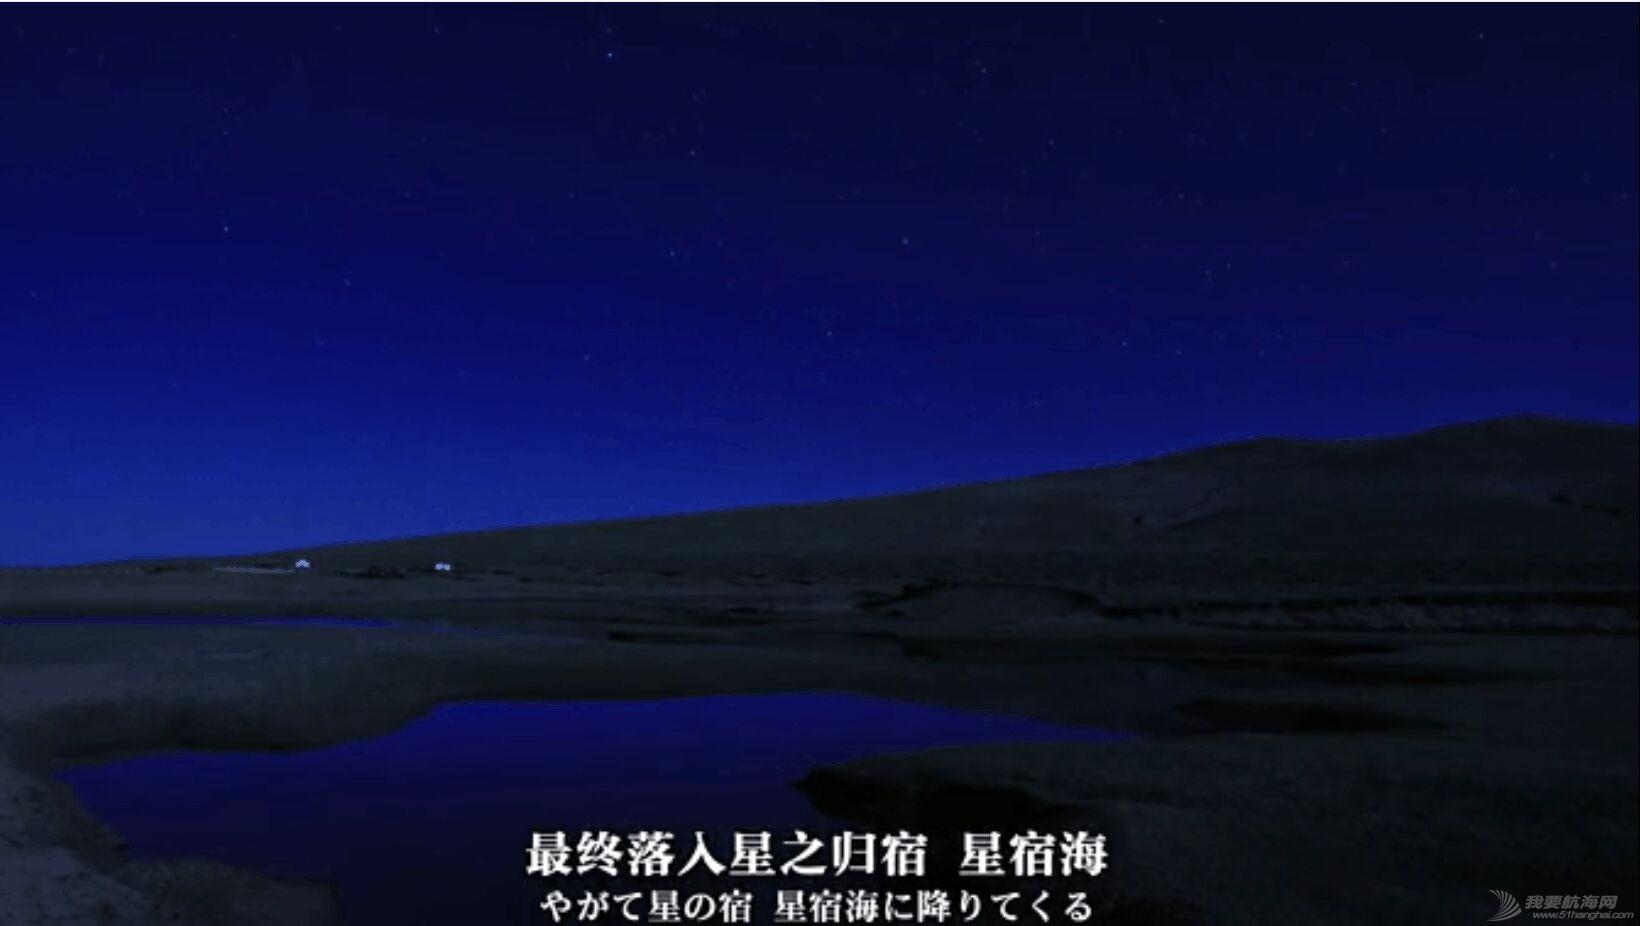 黄河,漂流,独木舟 【连载】黄河陌日漂流--闪米特水眼看世界 星宿海2.jpg